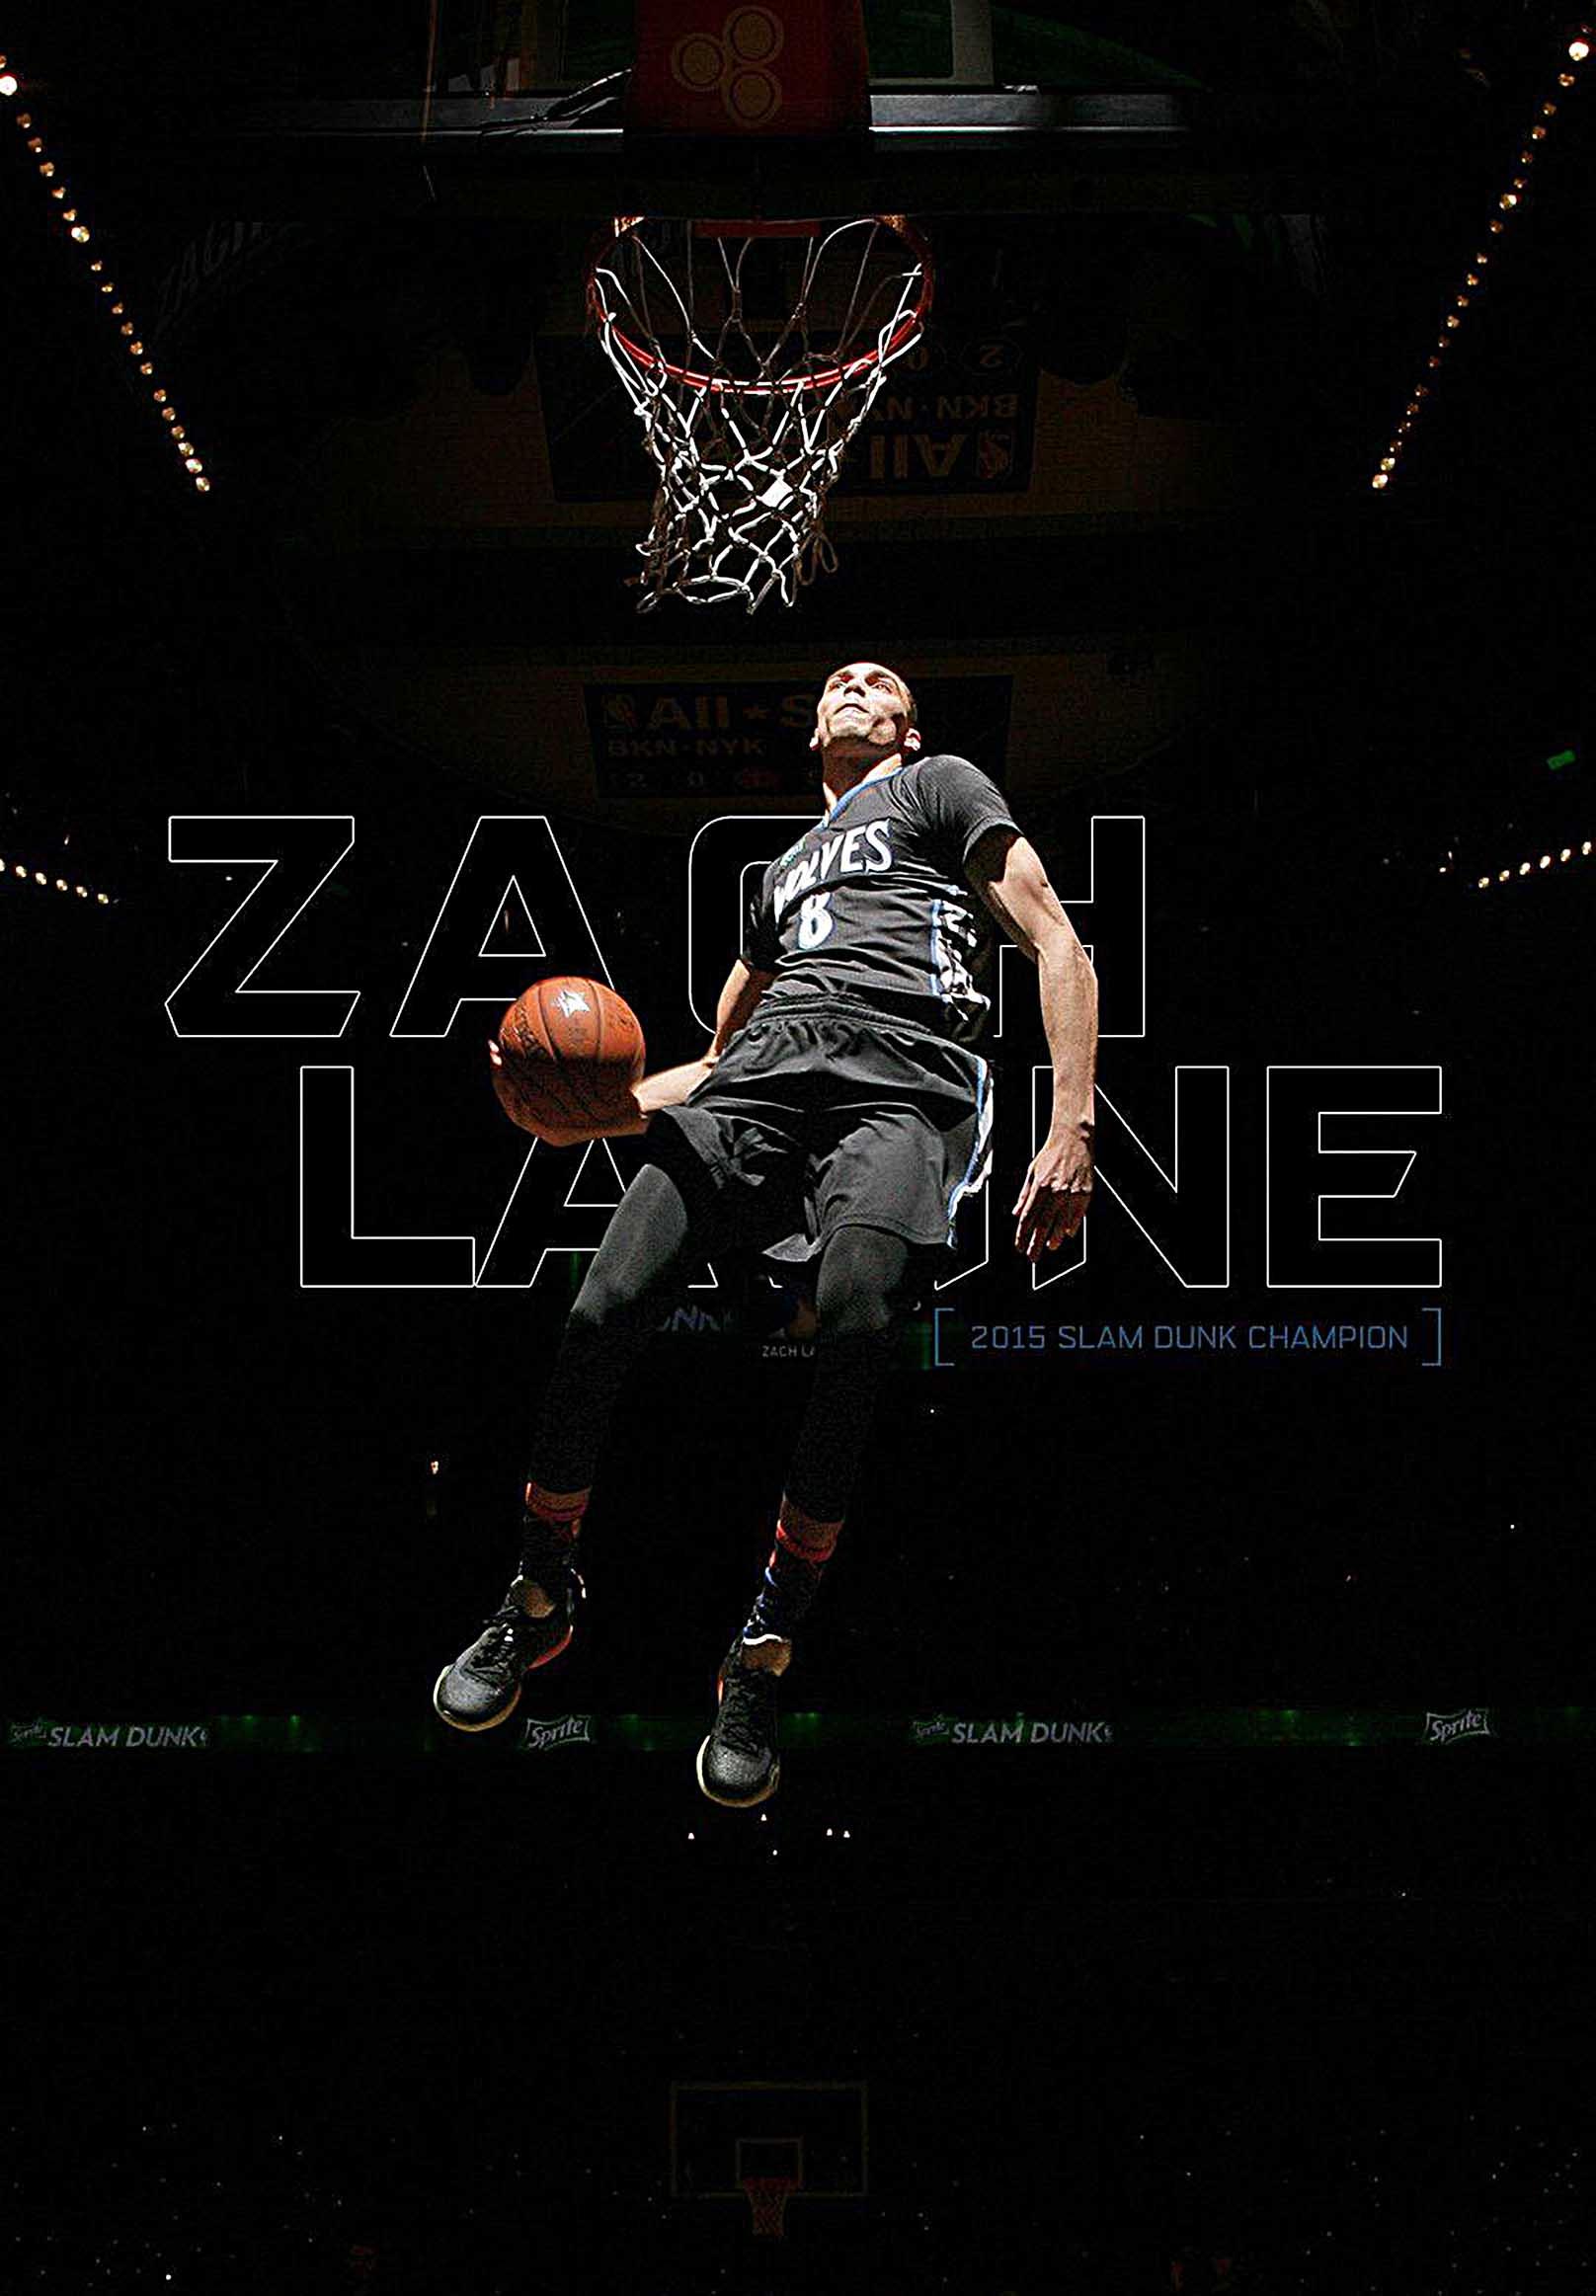 Zach LaVine Canvas Tablo (Nba-canvas-ZachLaVine)